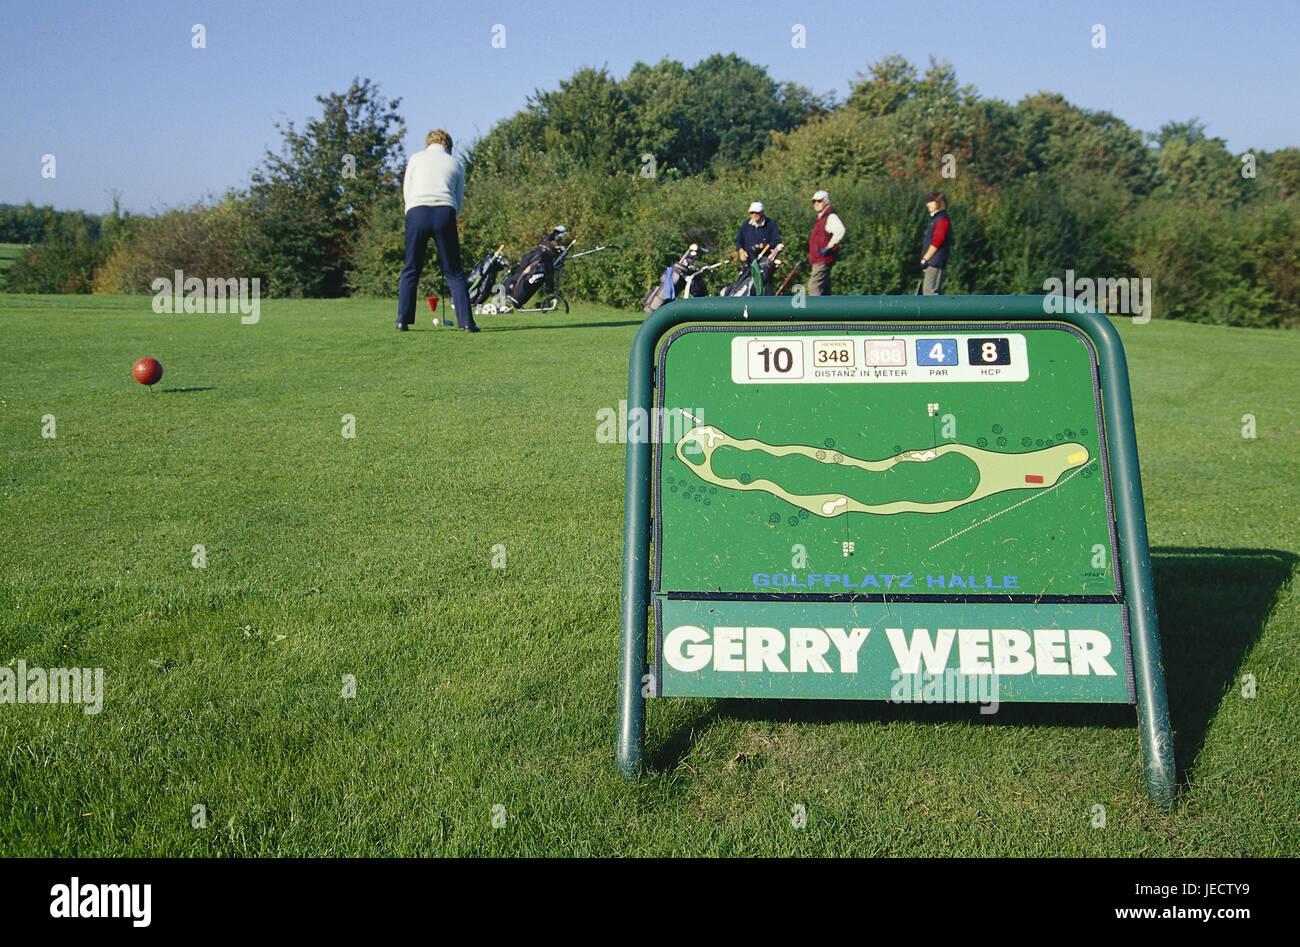 Germany, North Rhine-Westphalia, Halle, golf club of Teutoburger wood, plan of site, golfer, Westphalian, sport, - Stock Image